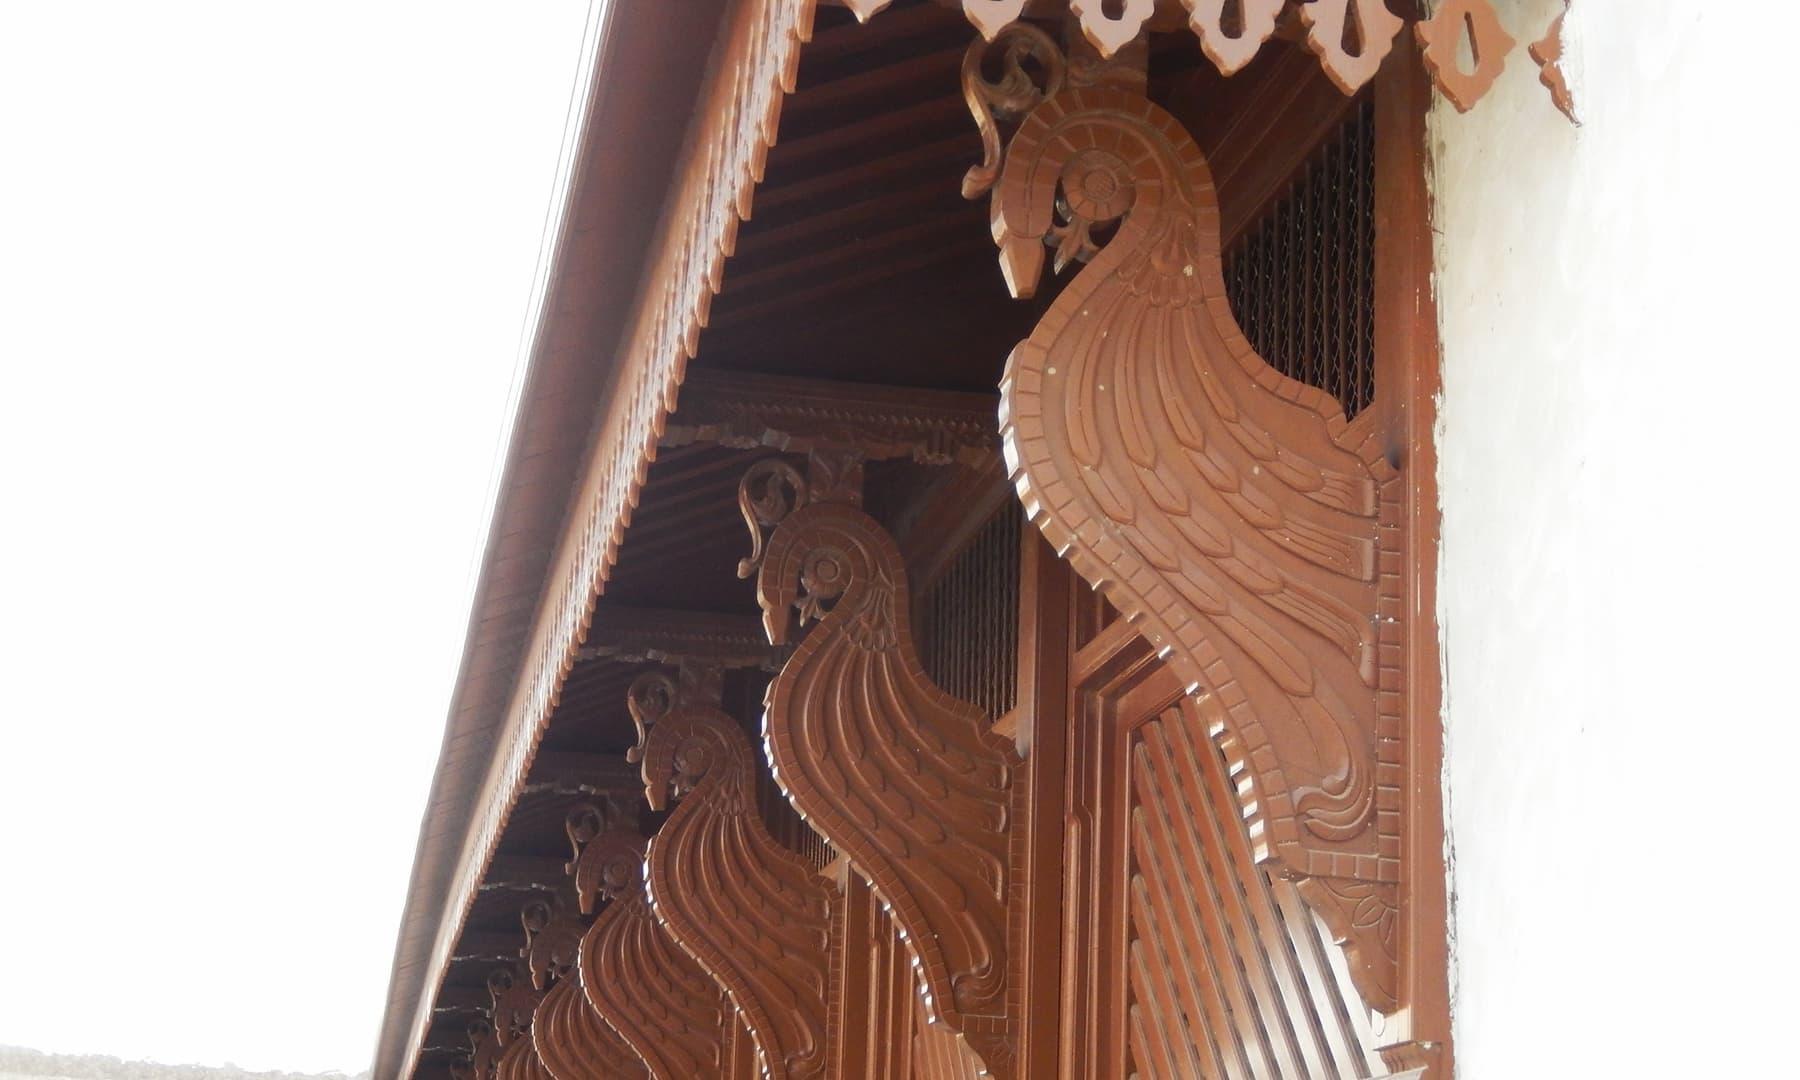 محل میں لکڑی کا نفیس کام بھی دیکھنے کو ملتا ہے — تصویر ابوبکر شیخ